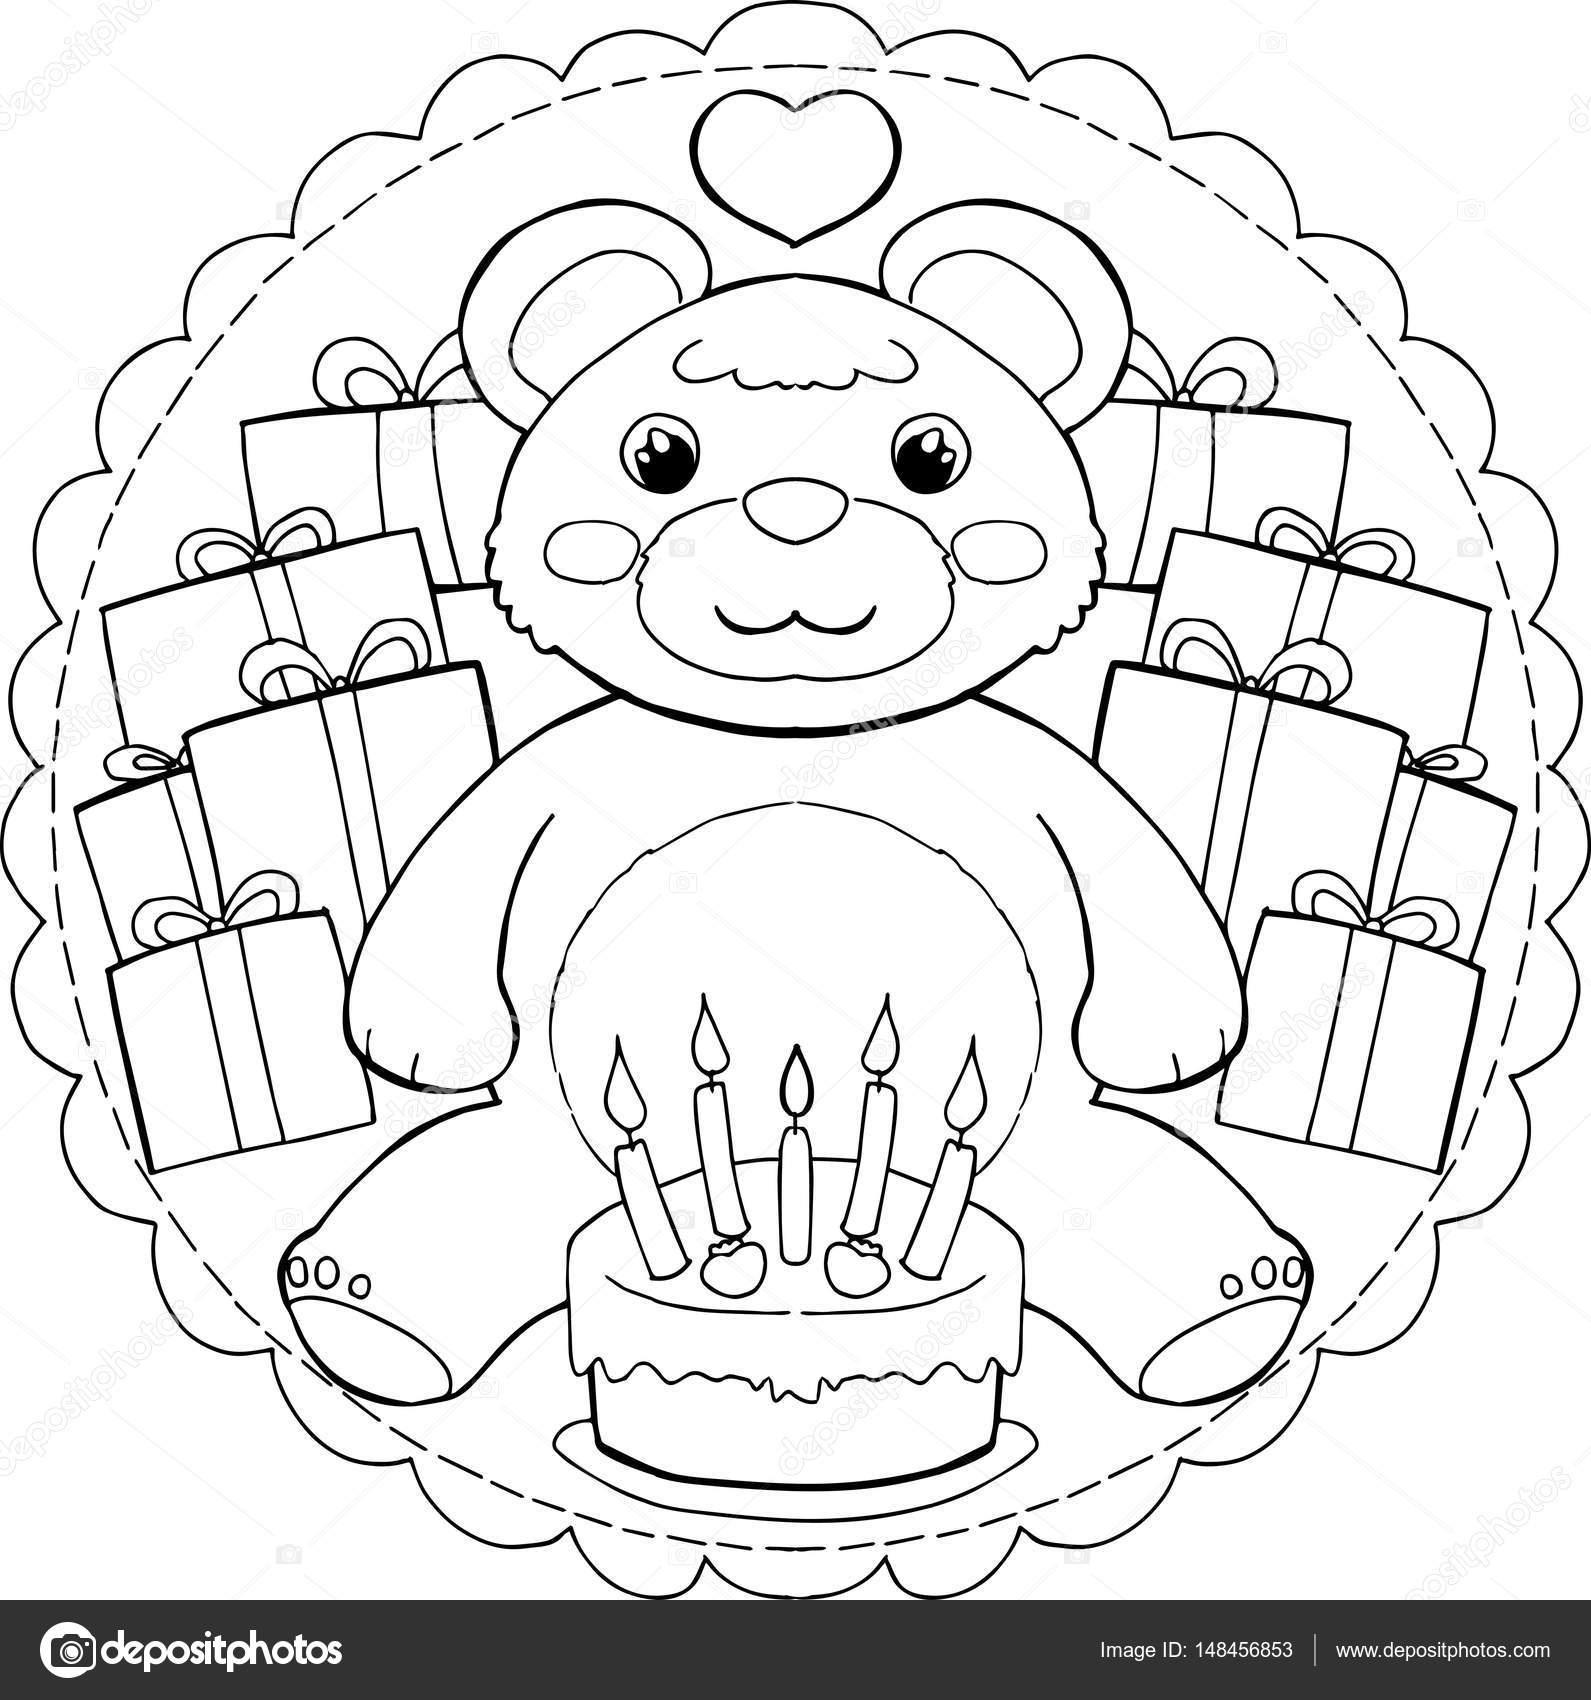 Mandala de osito feliz cumpleaños — Archivo Imágenes Vectoriales ...